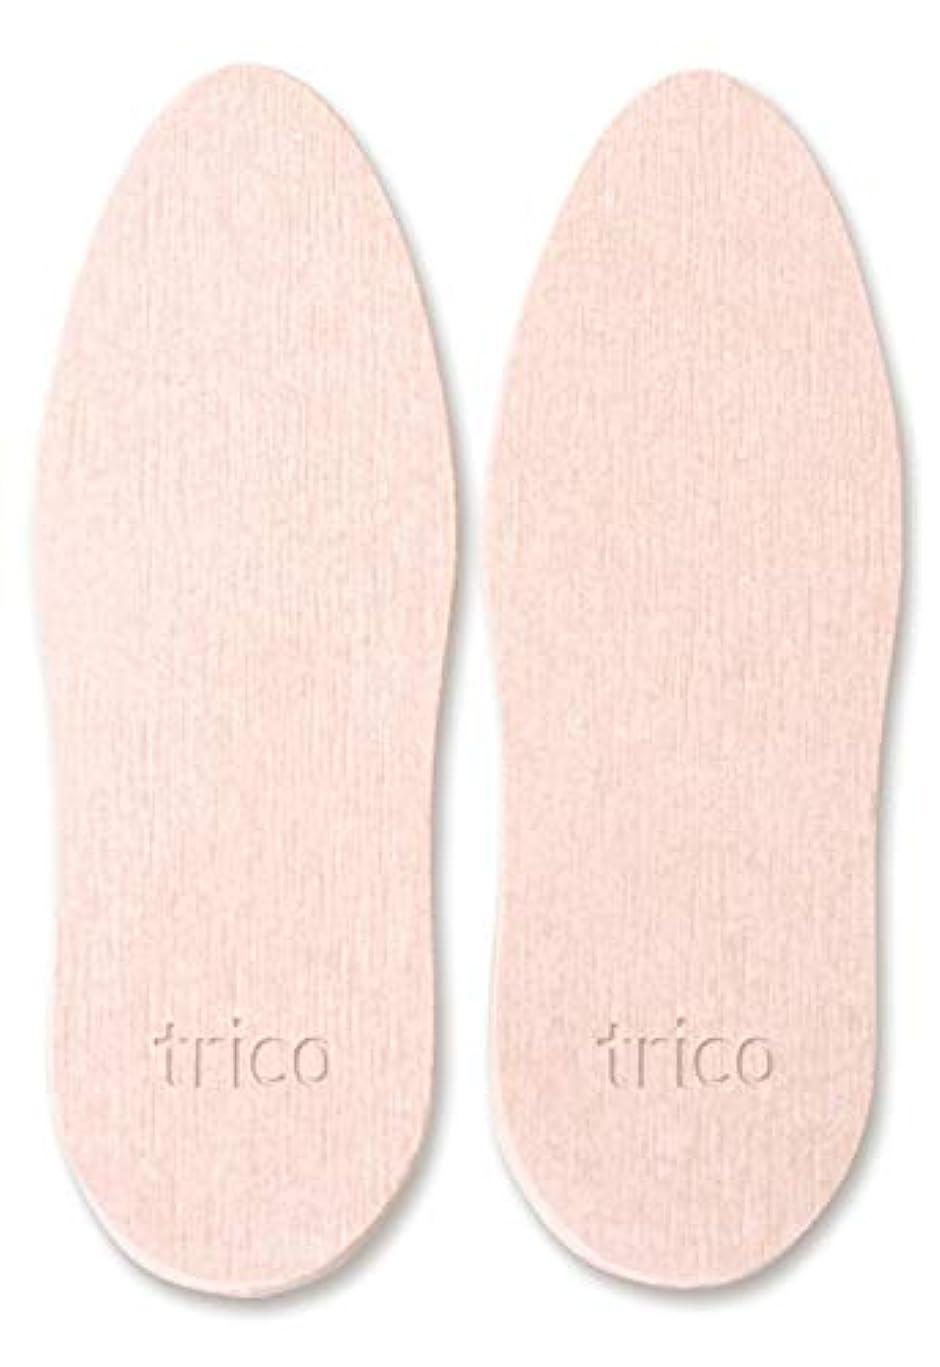 ベーシック十分な修羅場trico 靴の消臭 珪藻土 シューズドライプレート ピンク CTZ-18-03